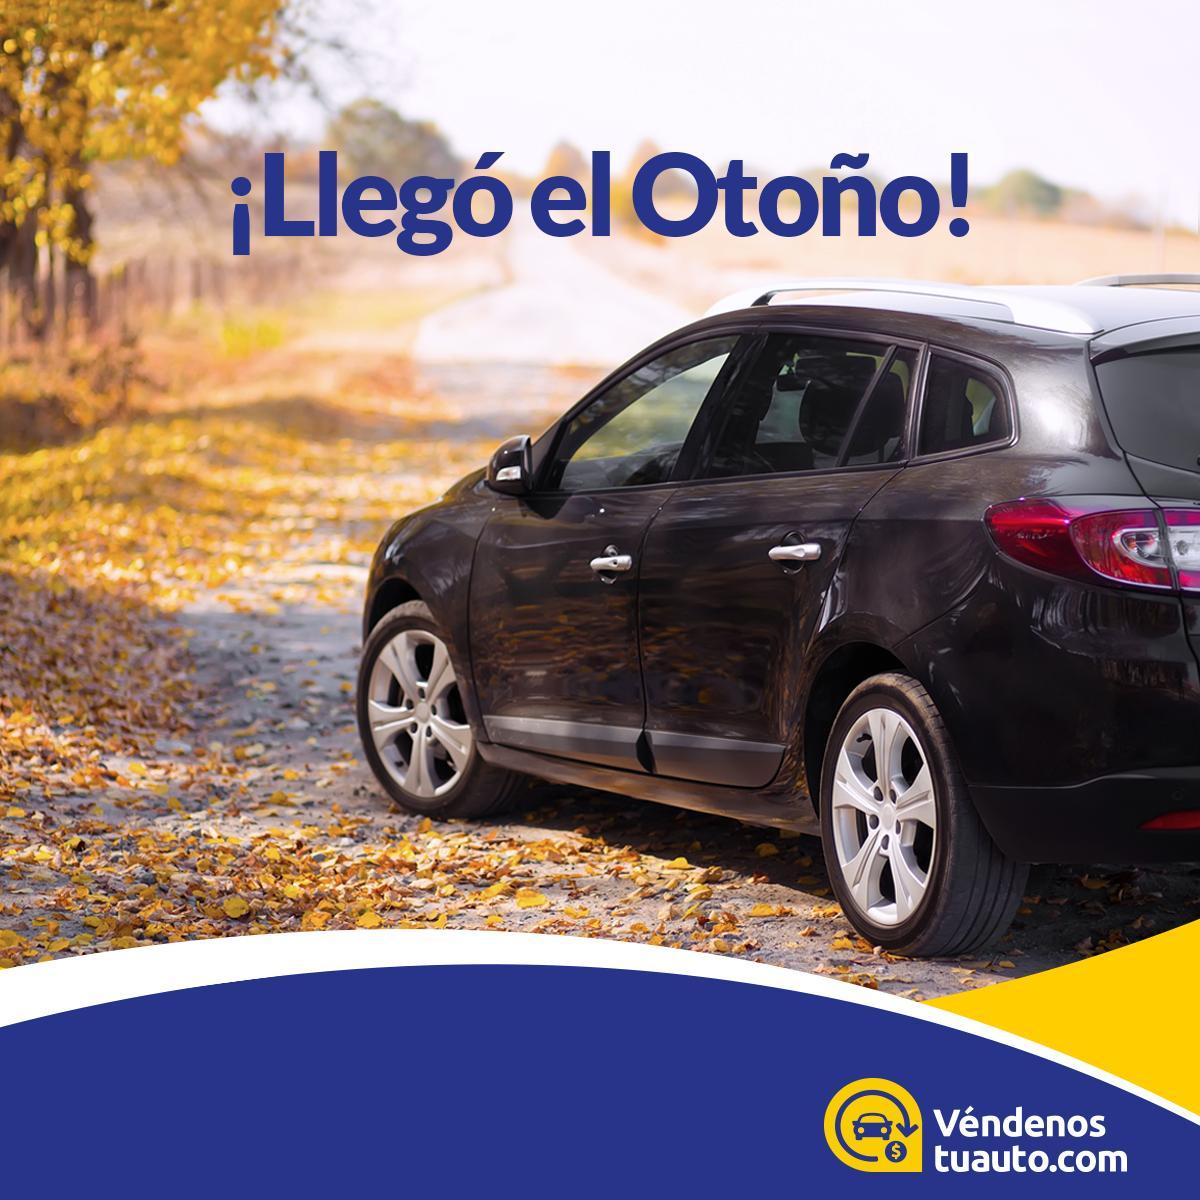 ¡Inicia el otoño! 🍂 🌰 Es tiempo de renovarse con el cambio de estación y vende tu auto usado para empezar con uno nuevo.  #Véndenostuauto #Otoño #Chile #FelizOtoño #Jueves #Autos https://t.co/dSdEF7b6gc